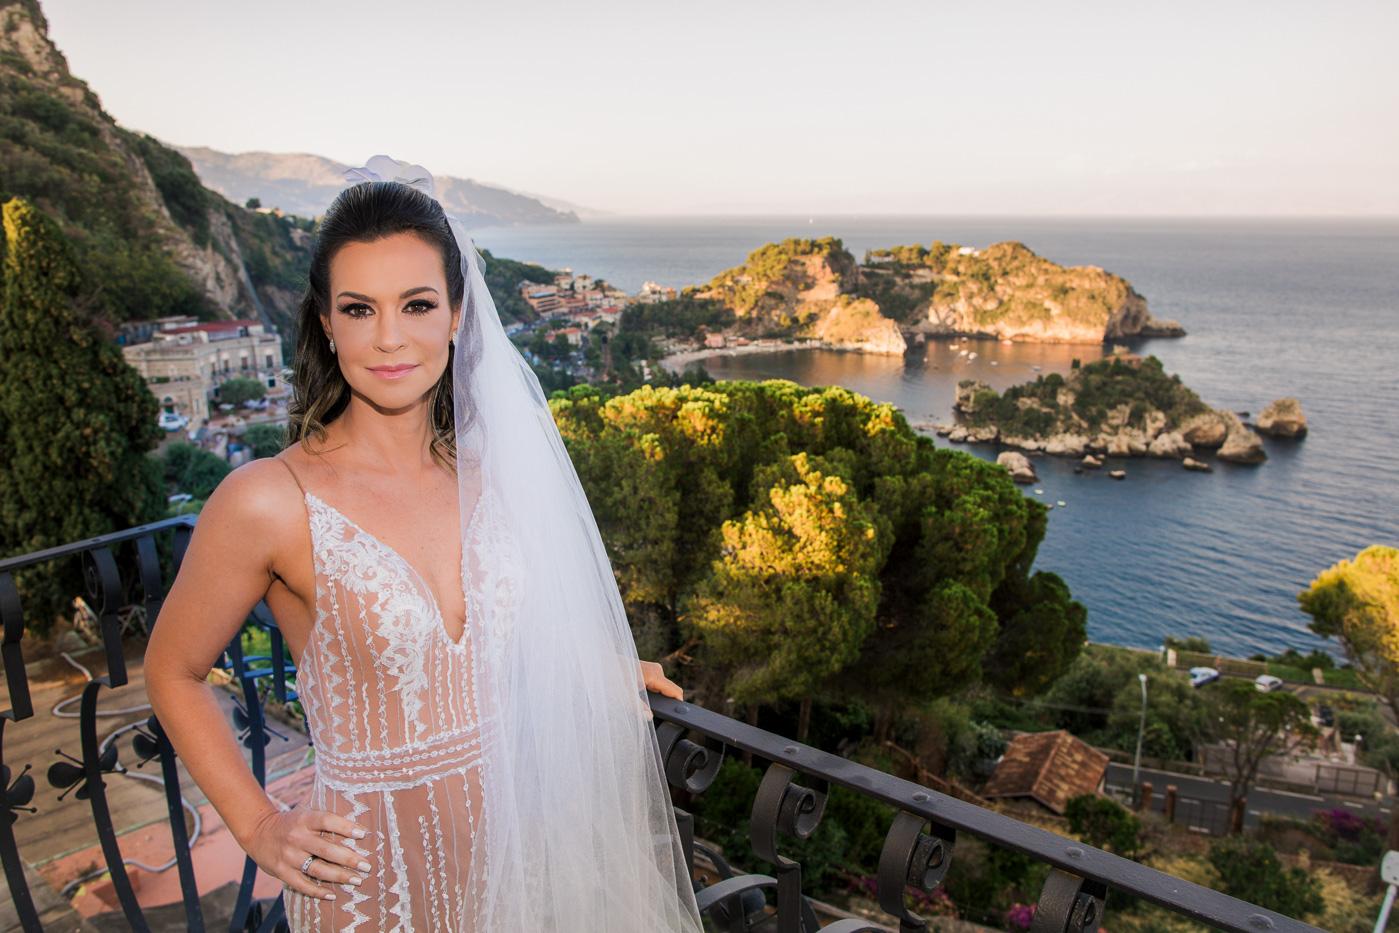 Matrimonio Romantico Villa Mon Repos _taormina_matrimonio_fotografo_bravo_famoso-vista-taormina-mare-sposa